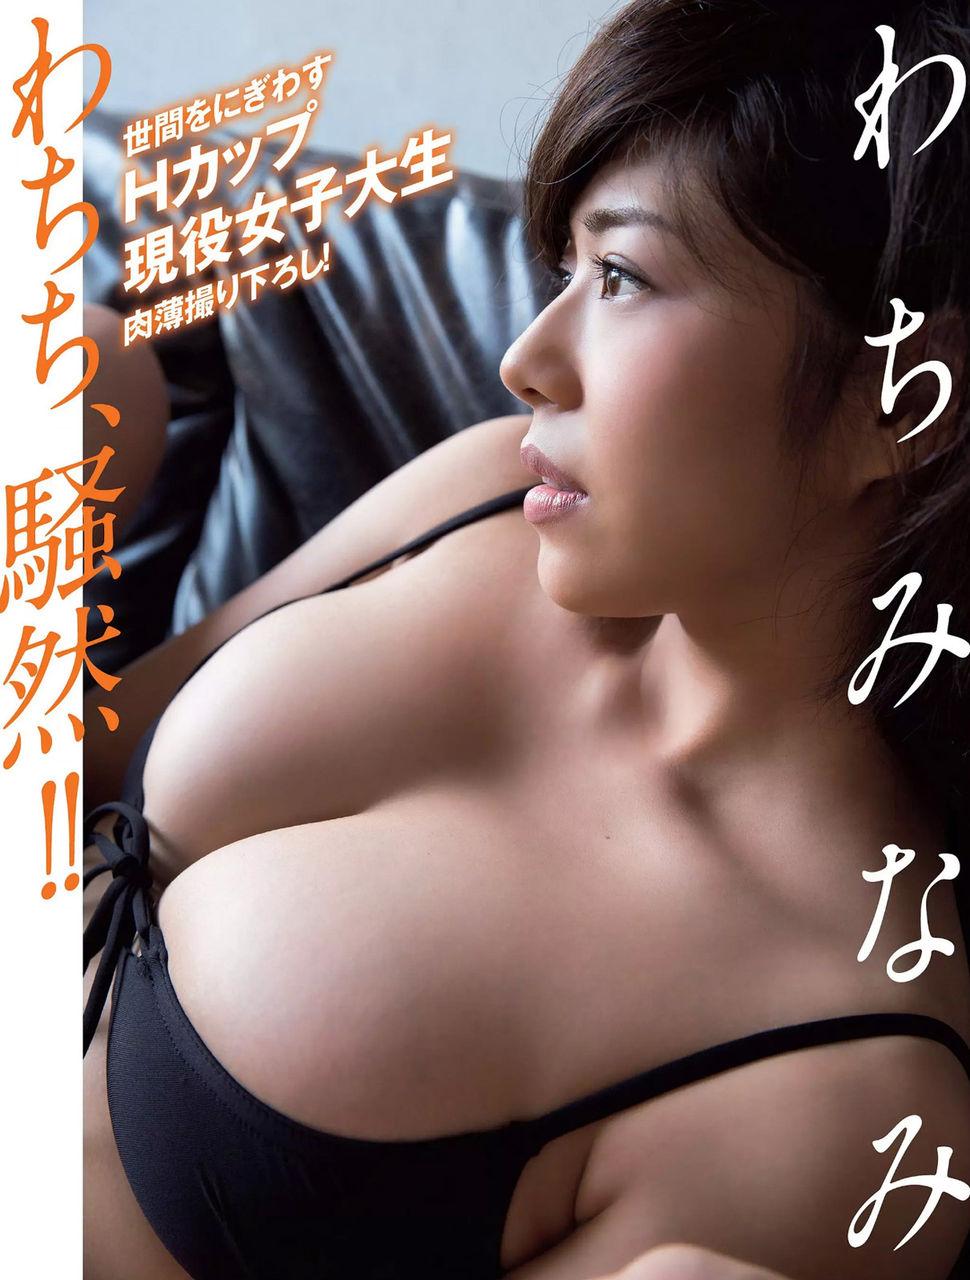 【エンタメ画像】釈由美子に似てない!?Hカップ大学生グラビアグラドルわちみなみのスイカップエロ体!!!グラビア画像